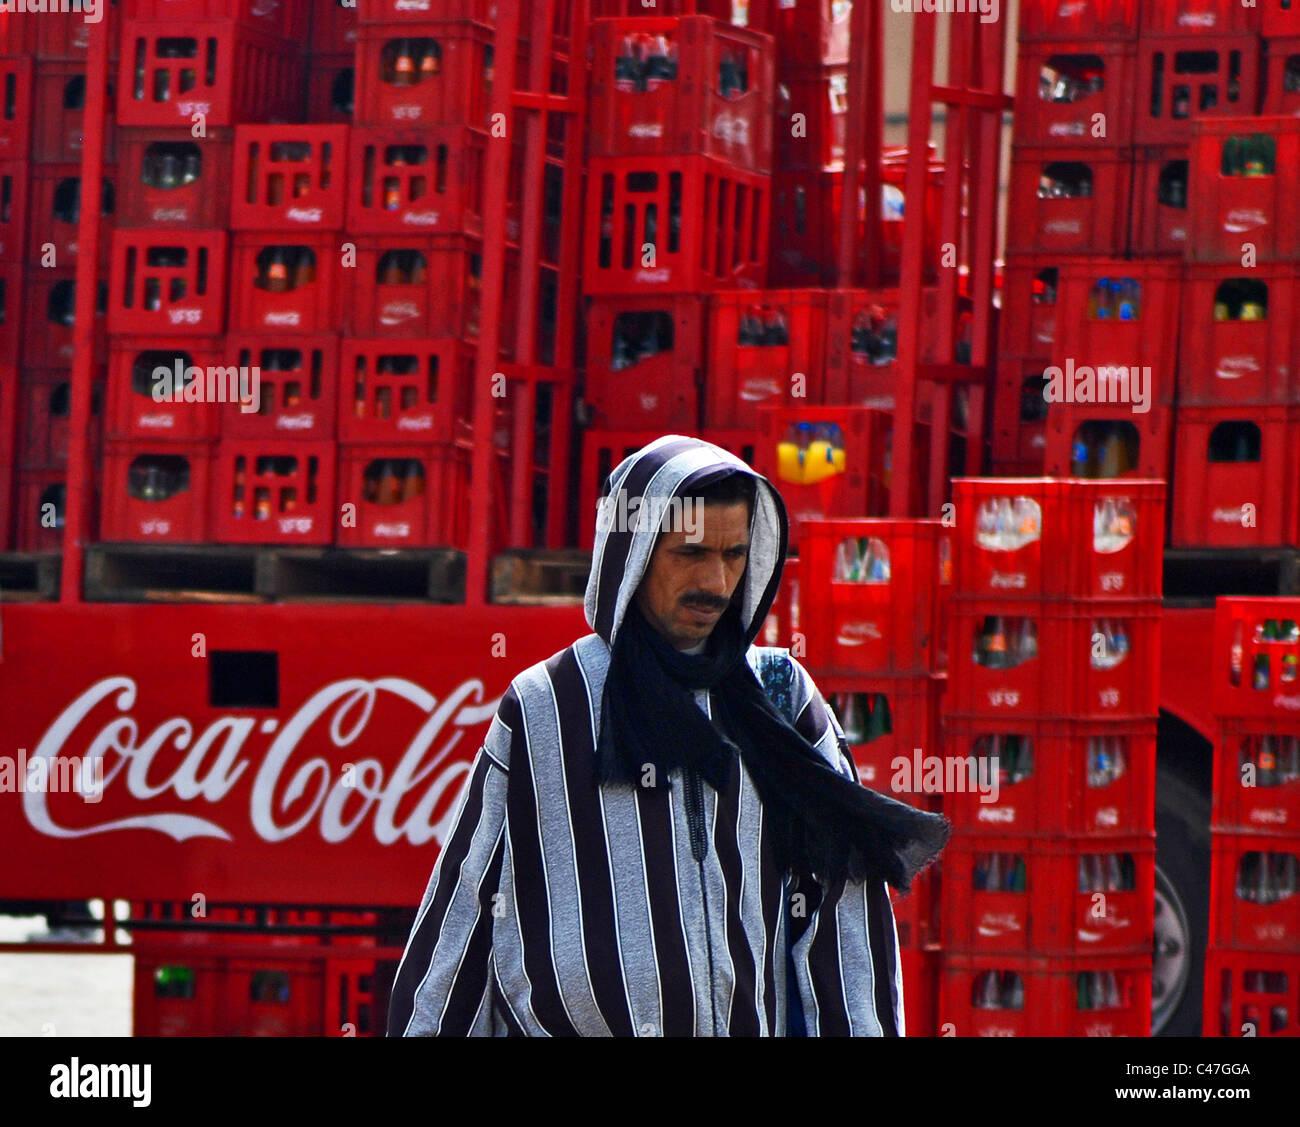 La mondialisation. Camion Coca Cola et arabe en costume traditionnel. Marrakech, Maroc Photo Stock